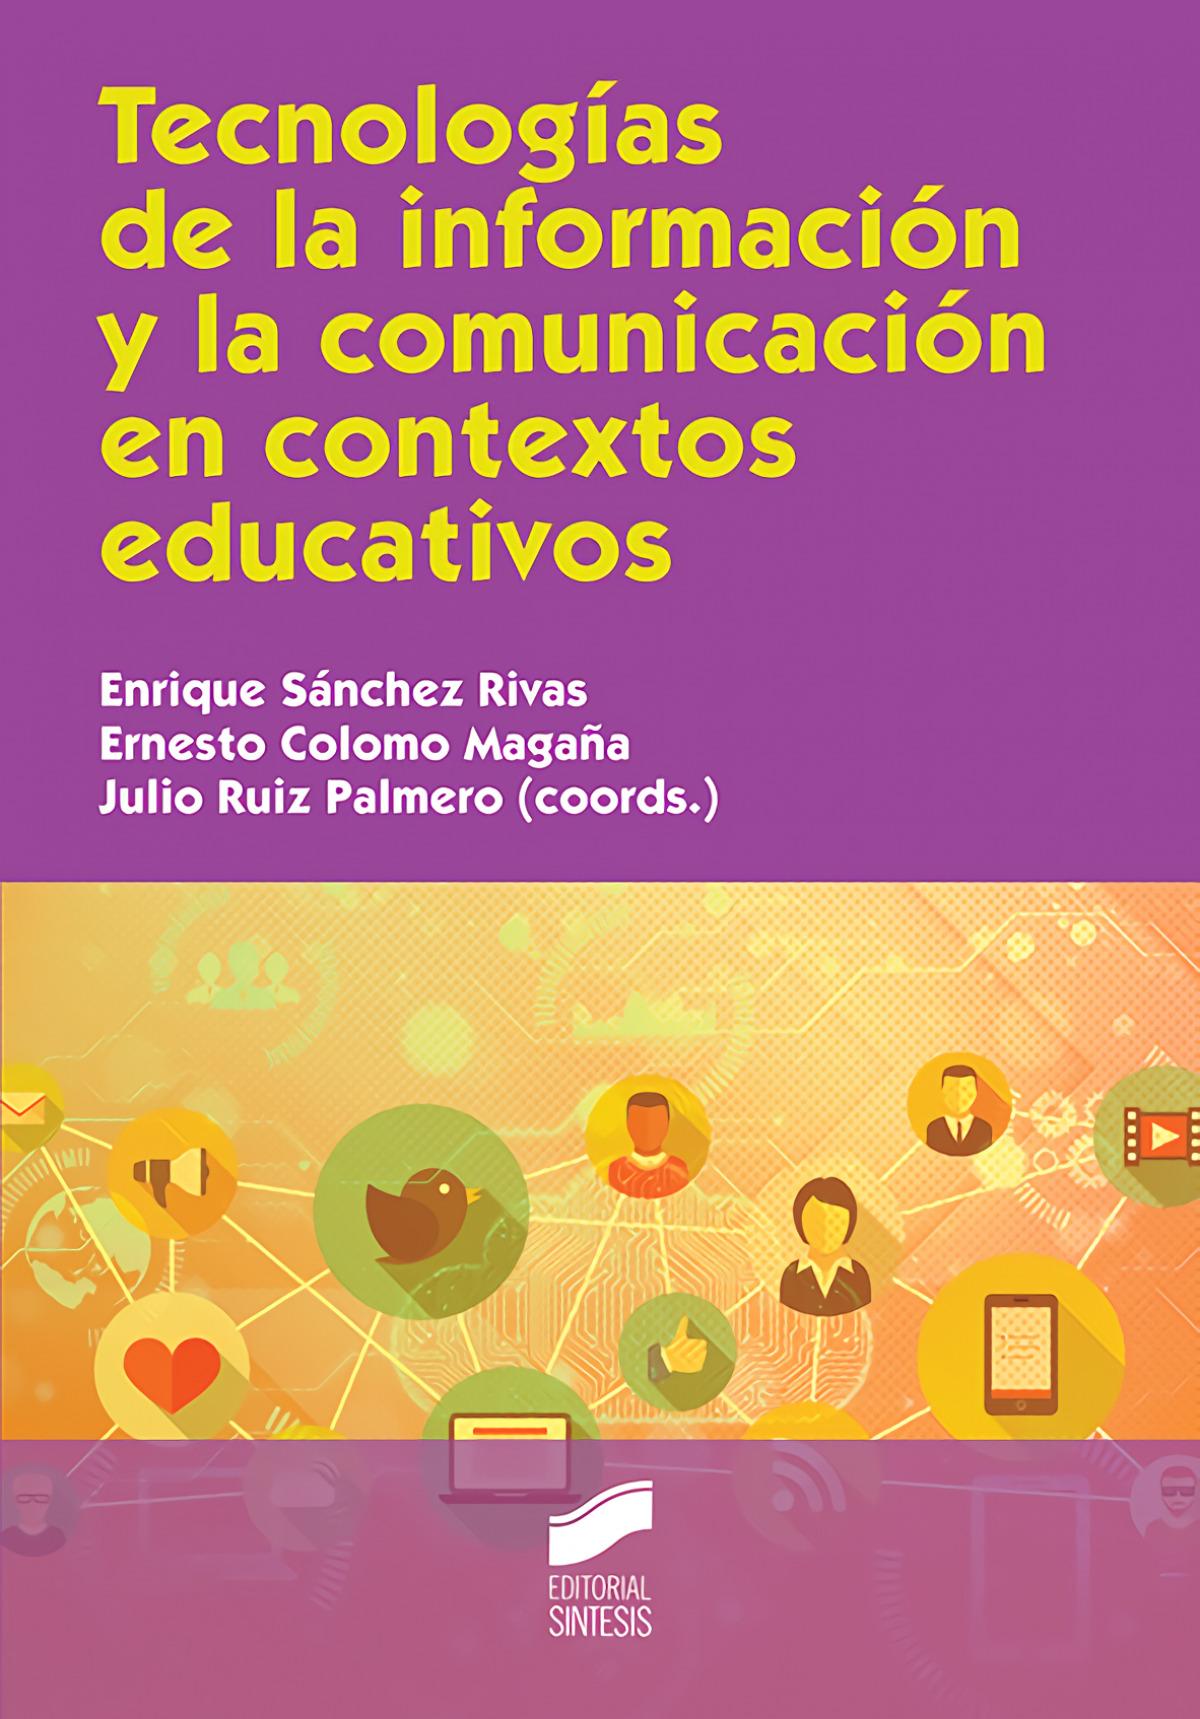 Tecnologáas de la información y la comunicación en contextos educativos